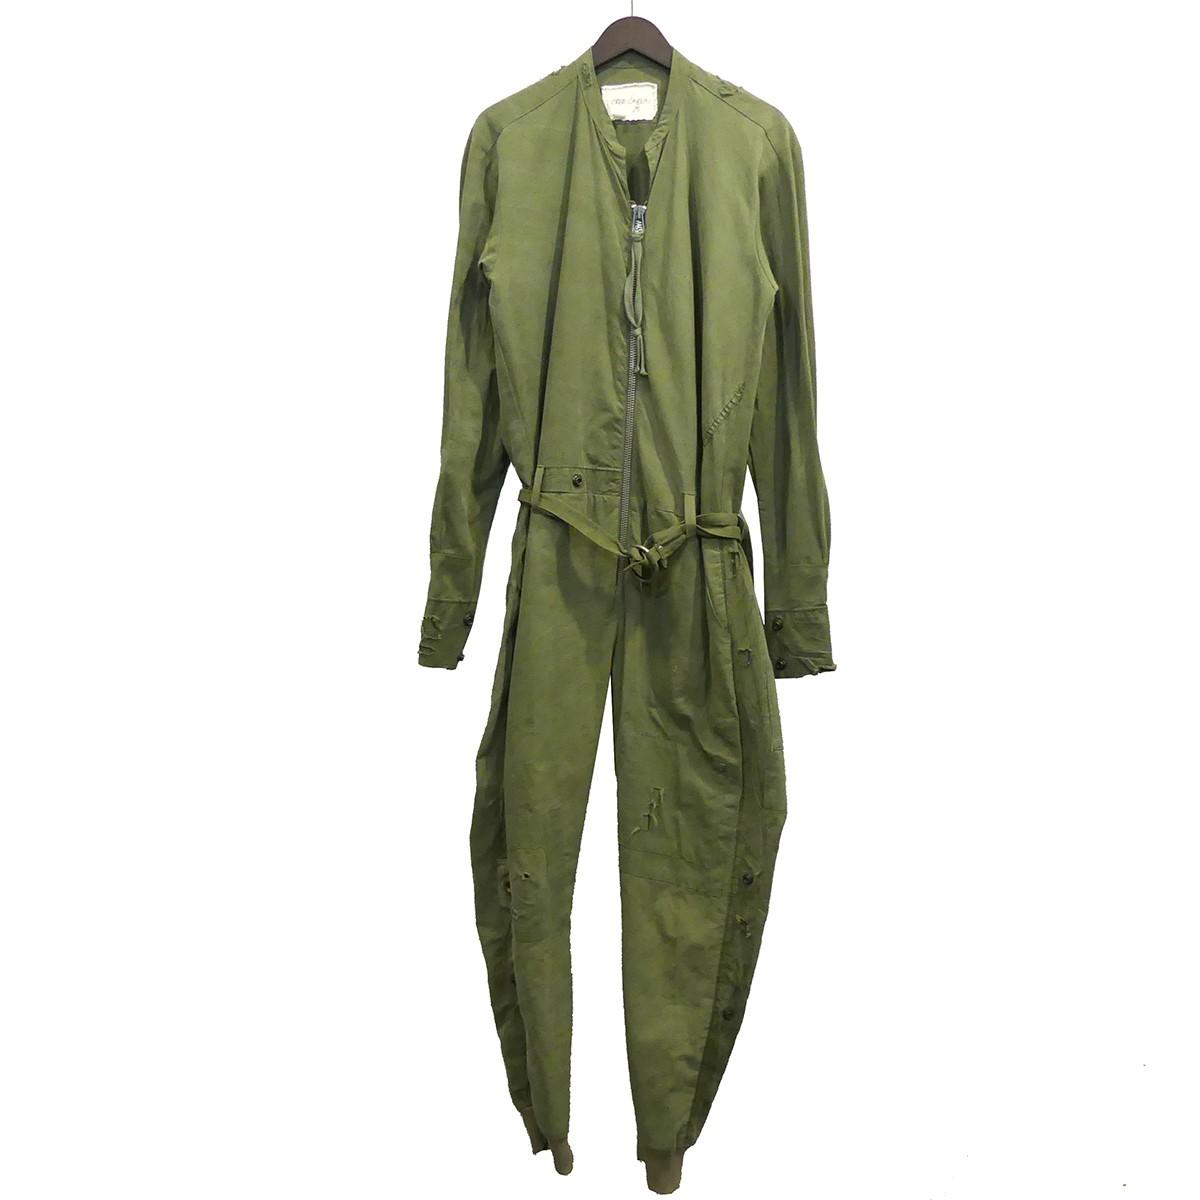 メンズファッション, ズボン・パンツ Greg Lauren 16SS ARMY TENT PATCHWORK LANGE JUMPSUIT 1 191119